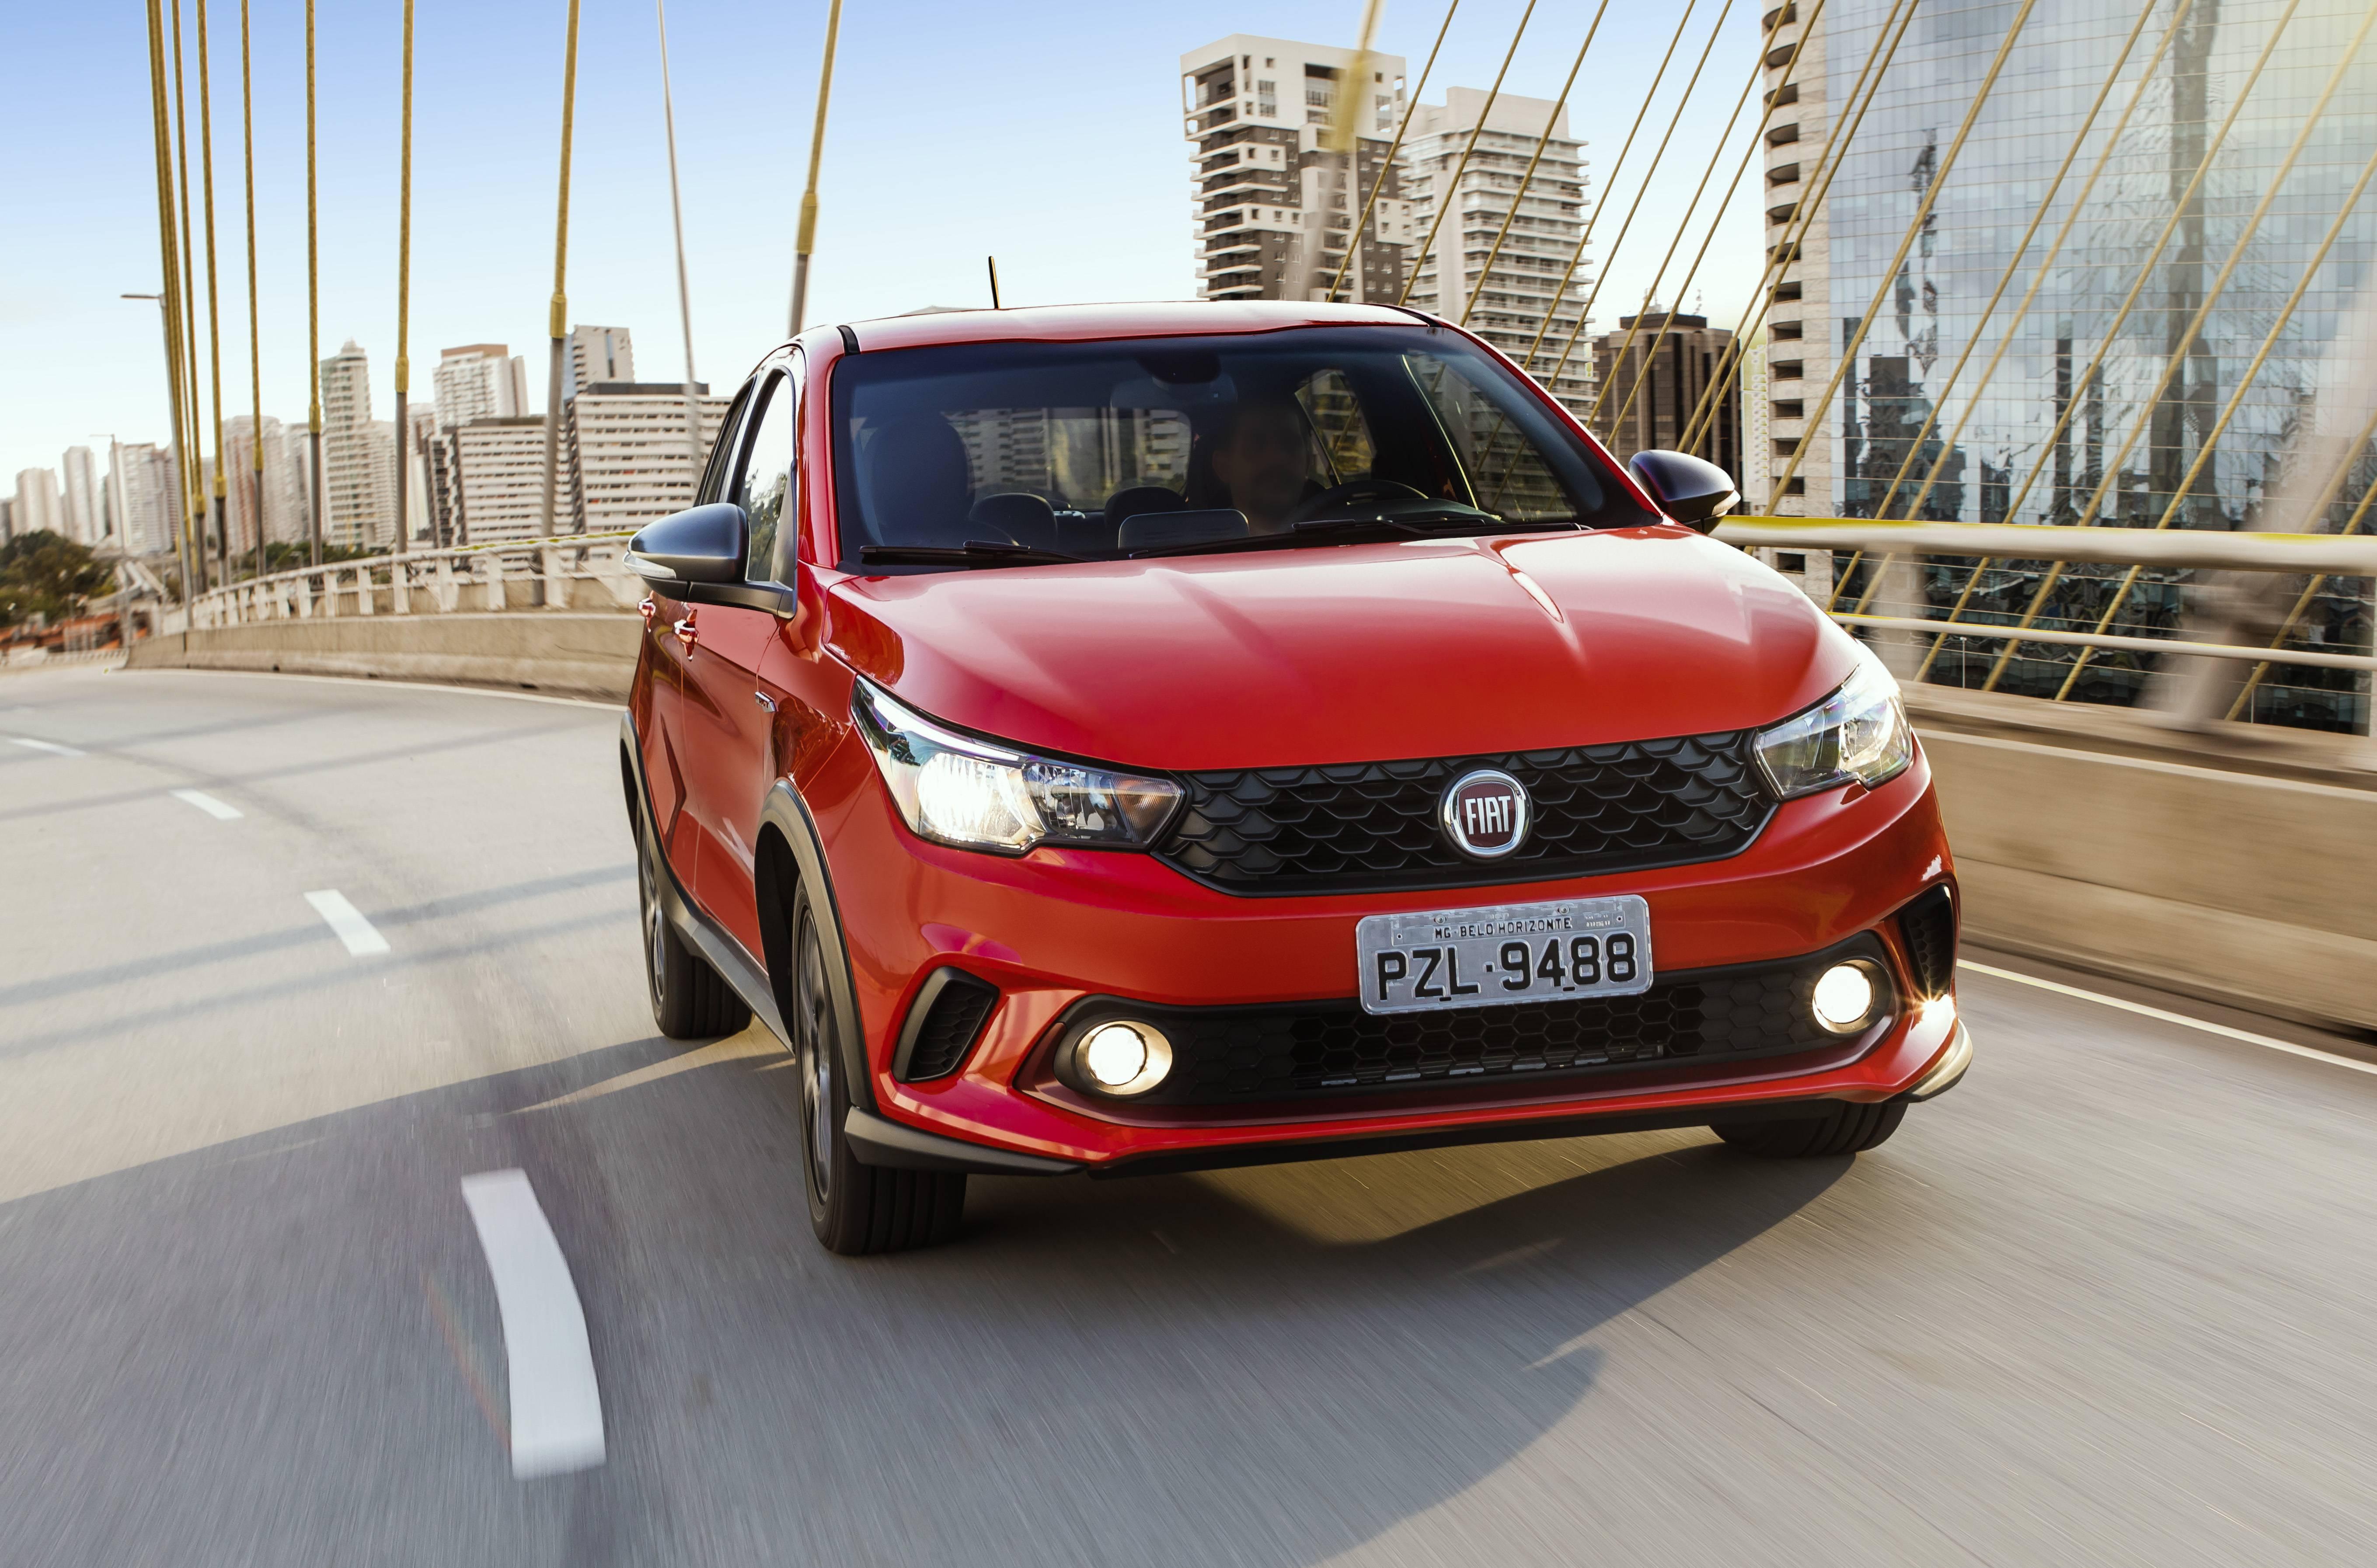 Modelo 1.8 HGT custa entre R$ 64.600 (manual) e R$ 70.600 (automático) | Divulgação